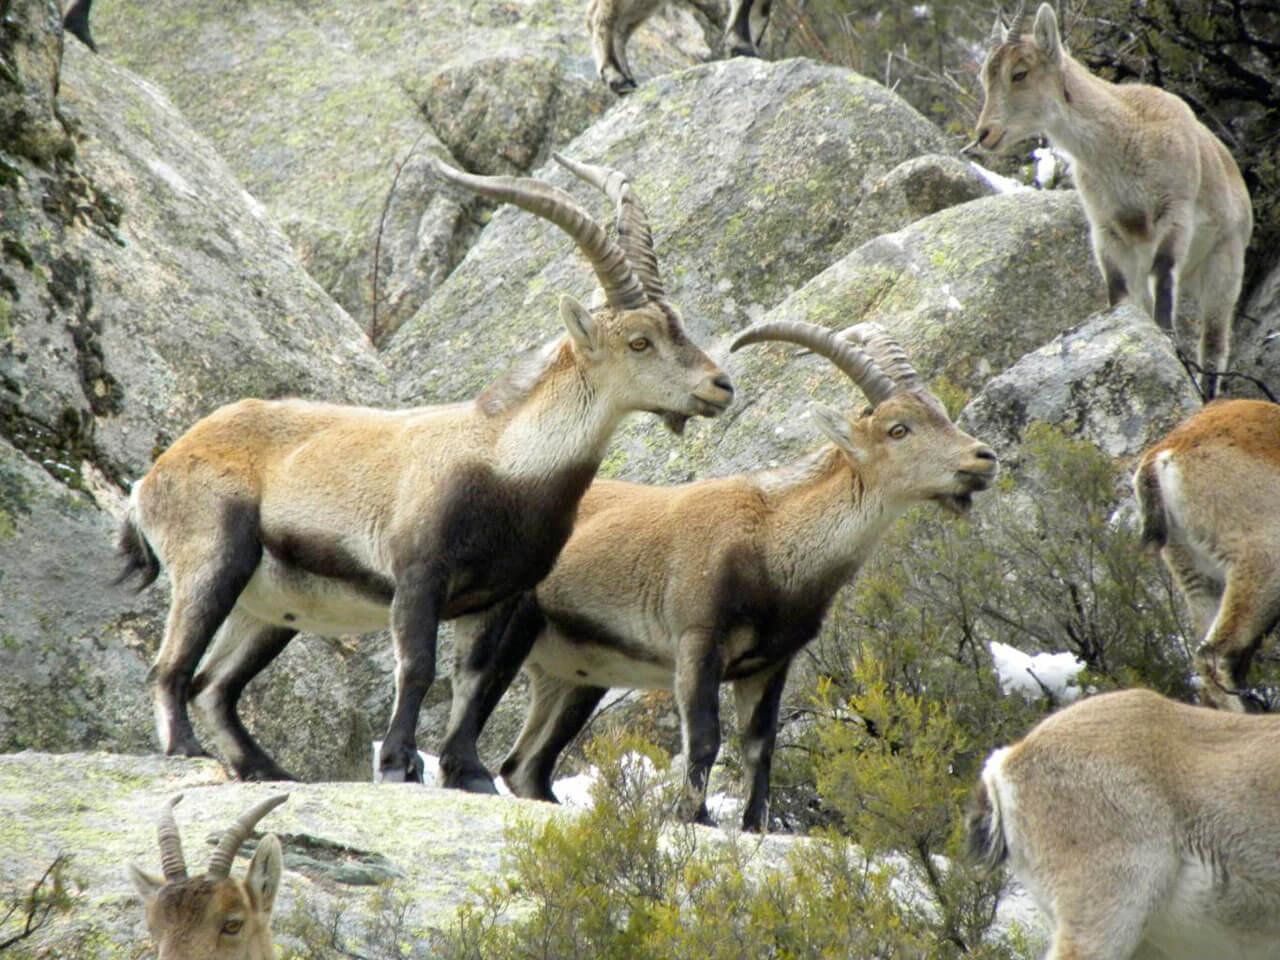 Caza en reserva Sonsaz y zonas de caza controlada